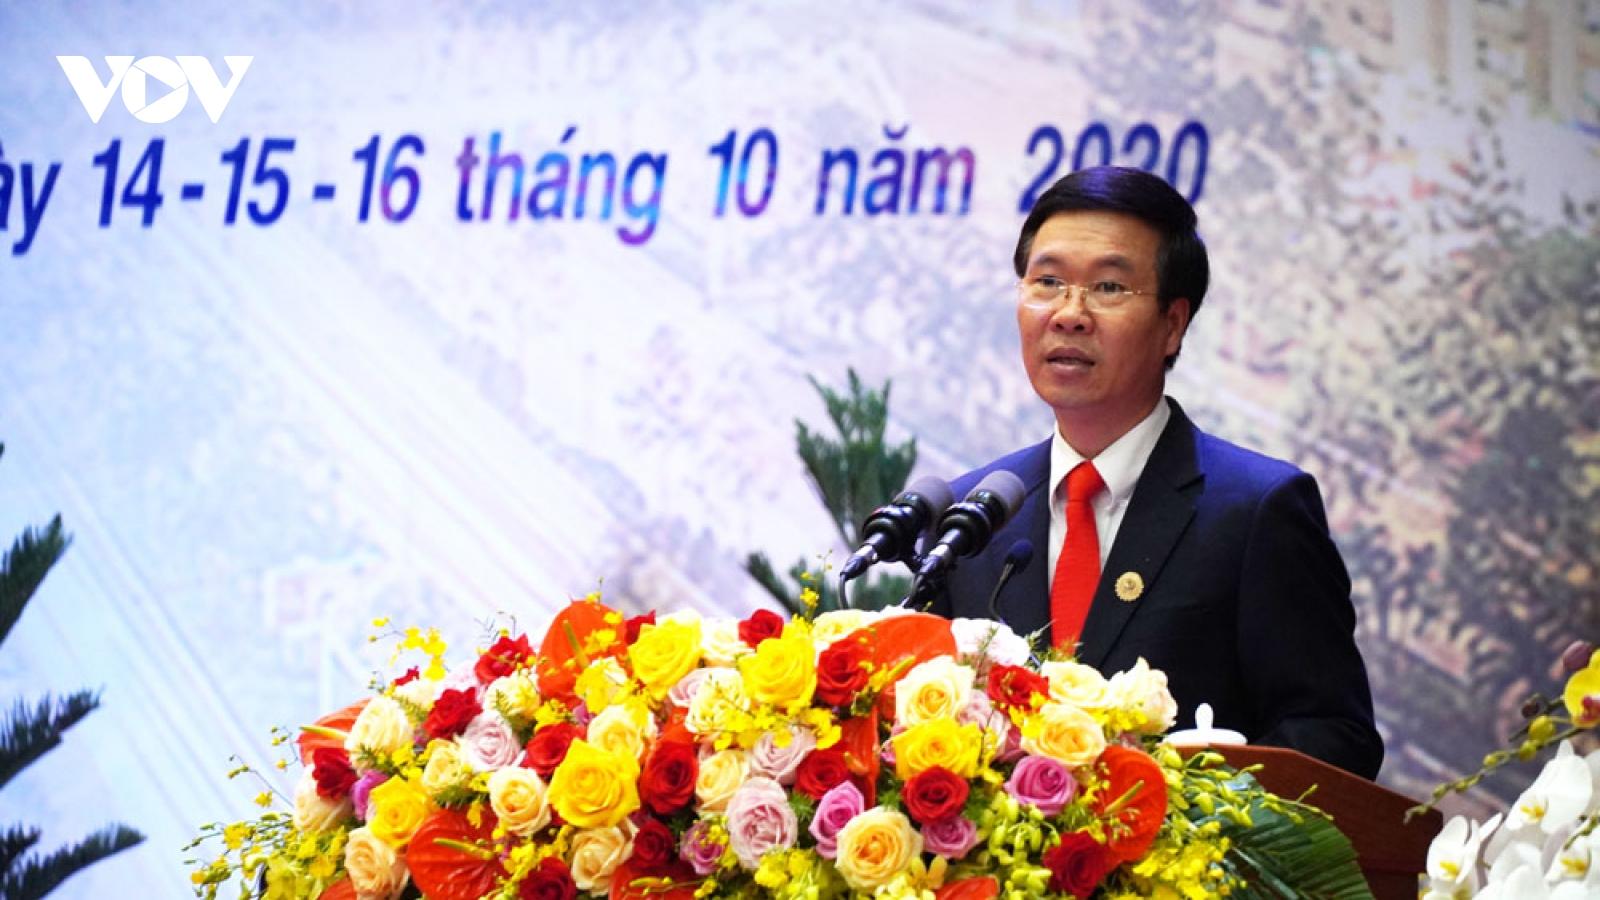 Ông Võ Văn Thưởng: Khuyến khích bảo vệ cán bộ dám nghĩ, dám làm vì lợi ích chung